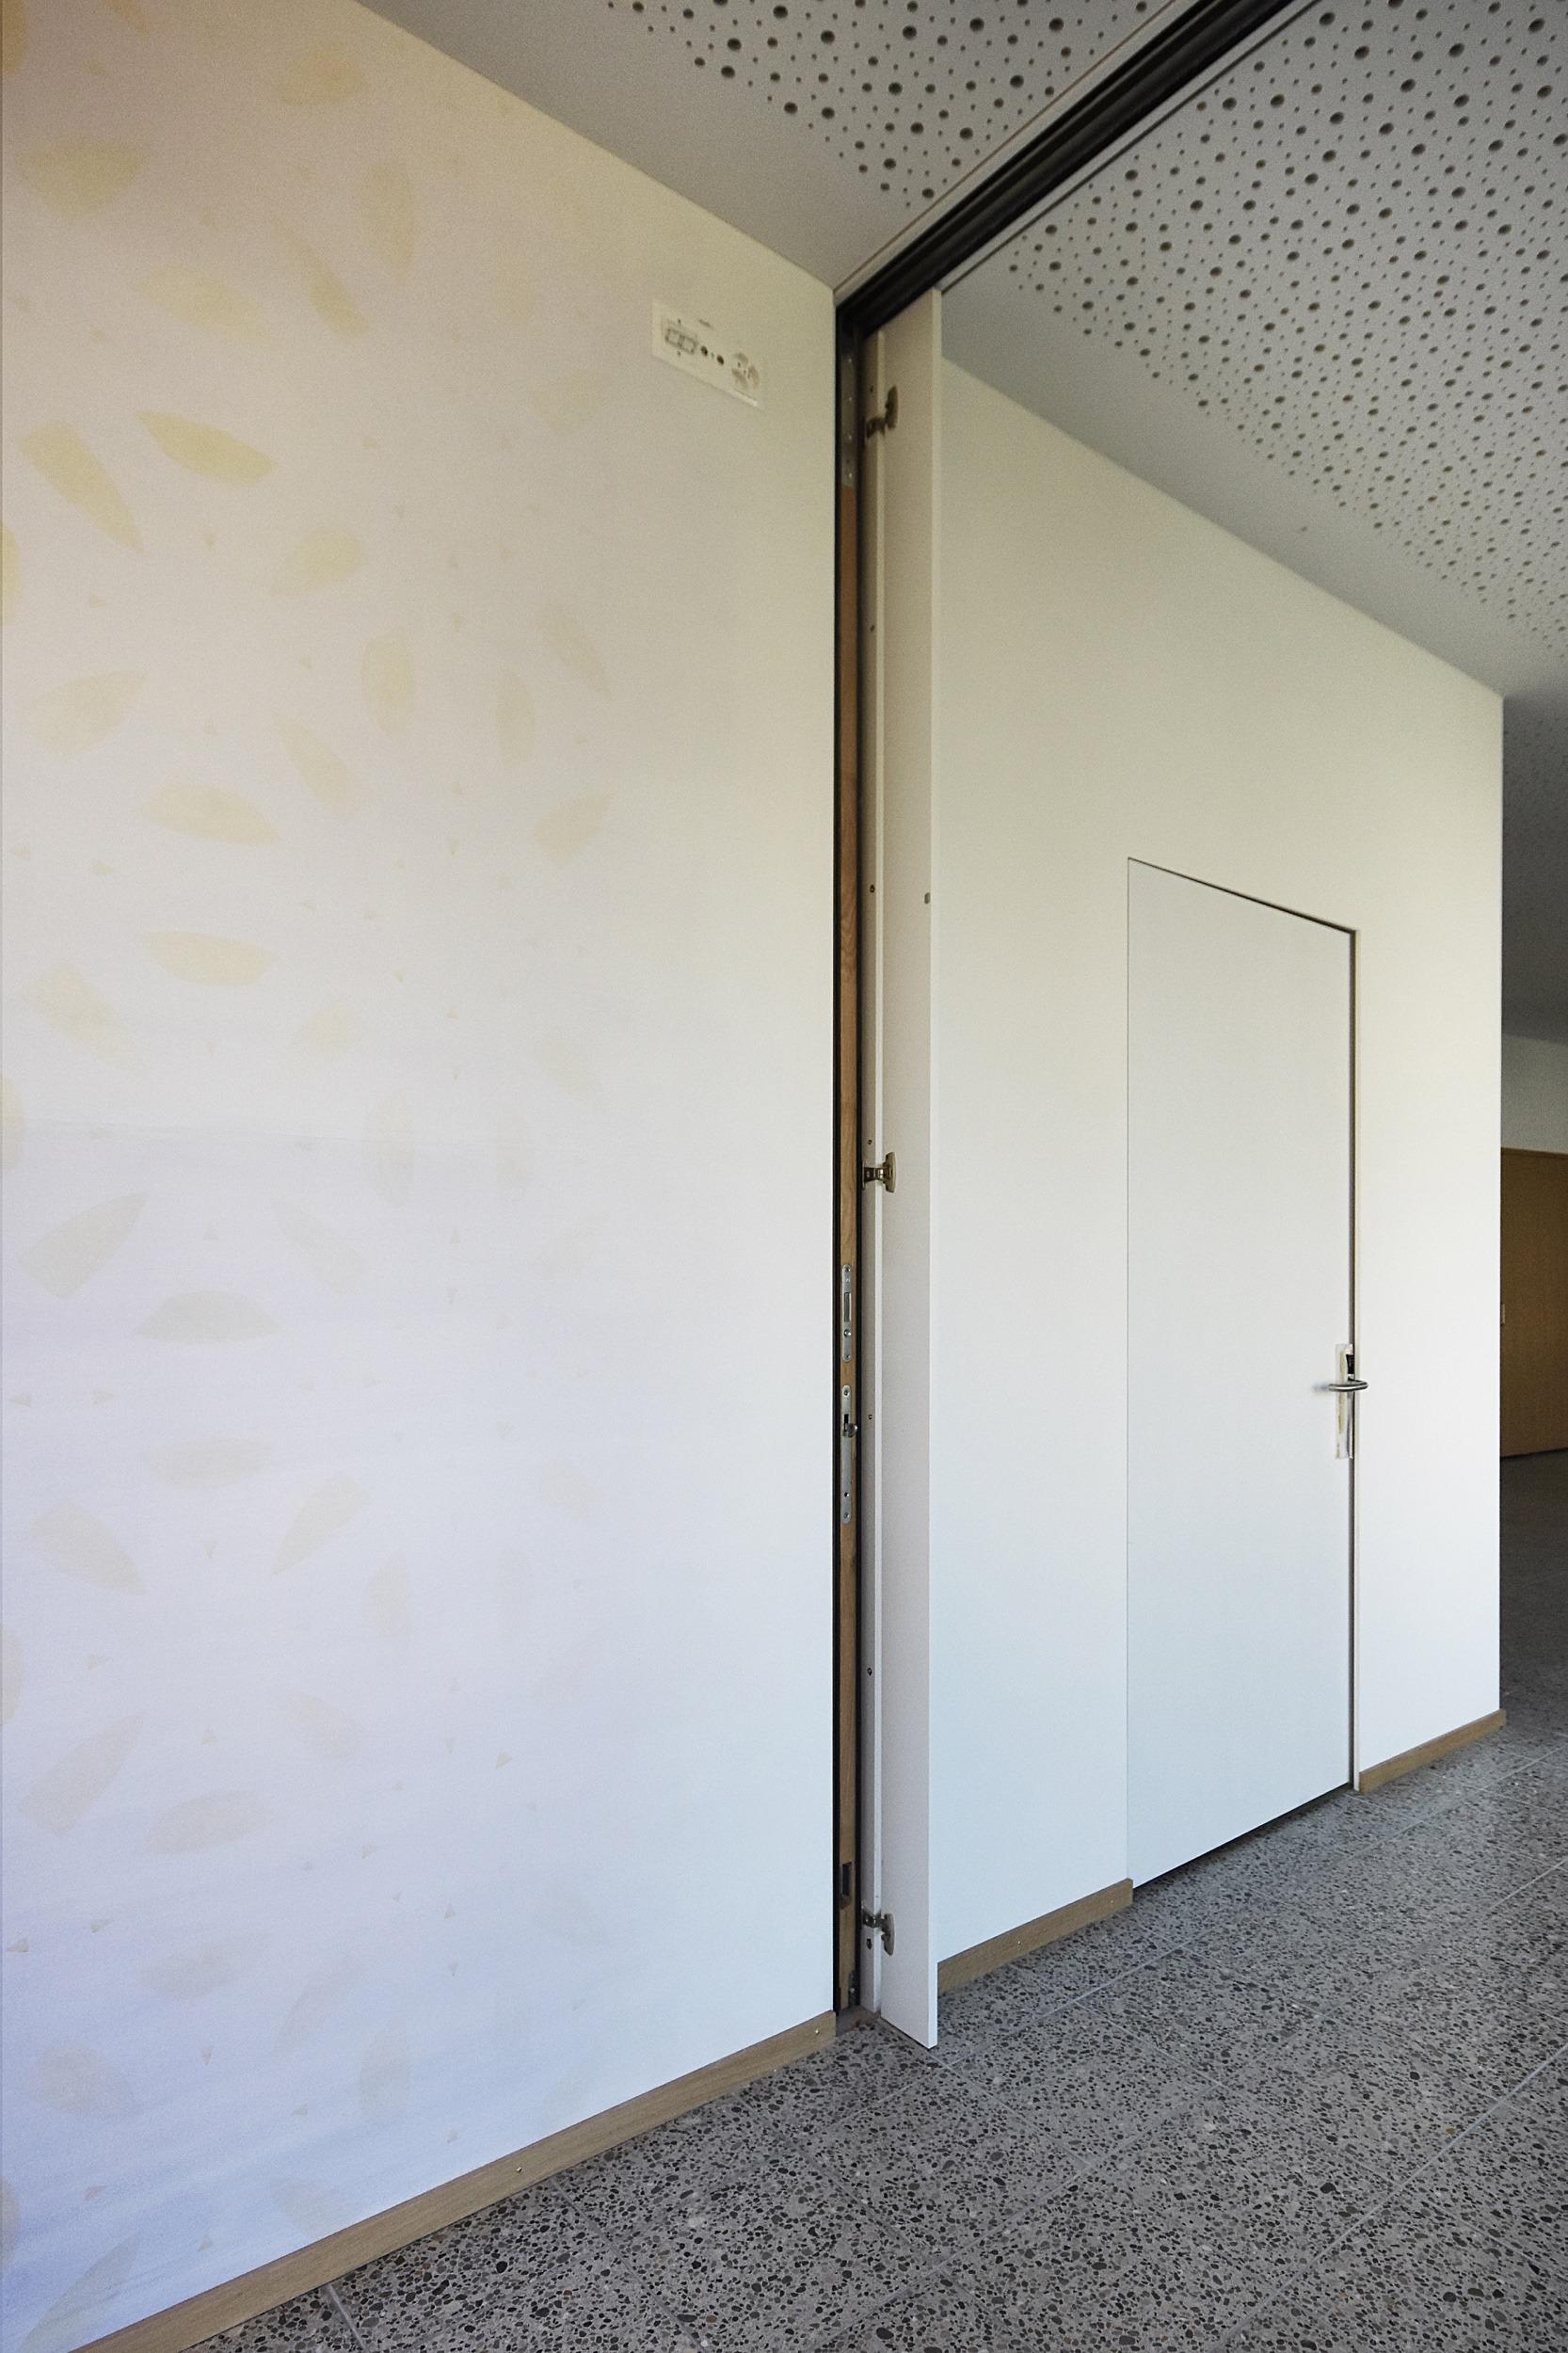 Schiebetuere_UP_Alterszentrum_Rubiswil_14